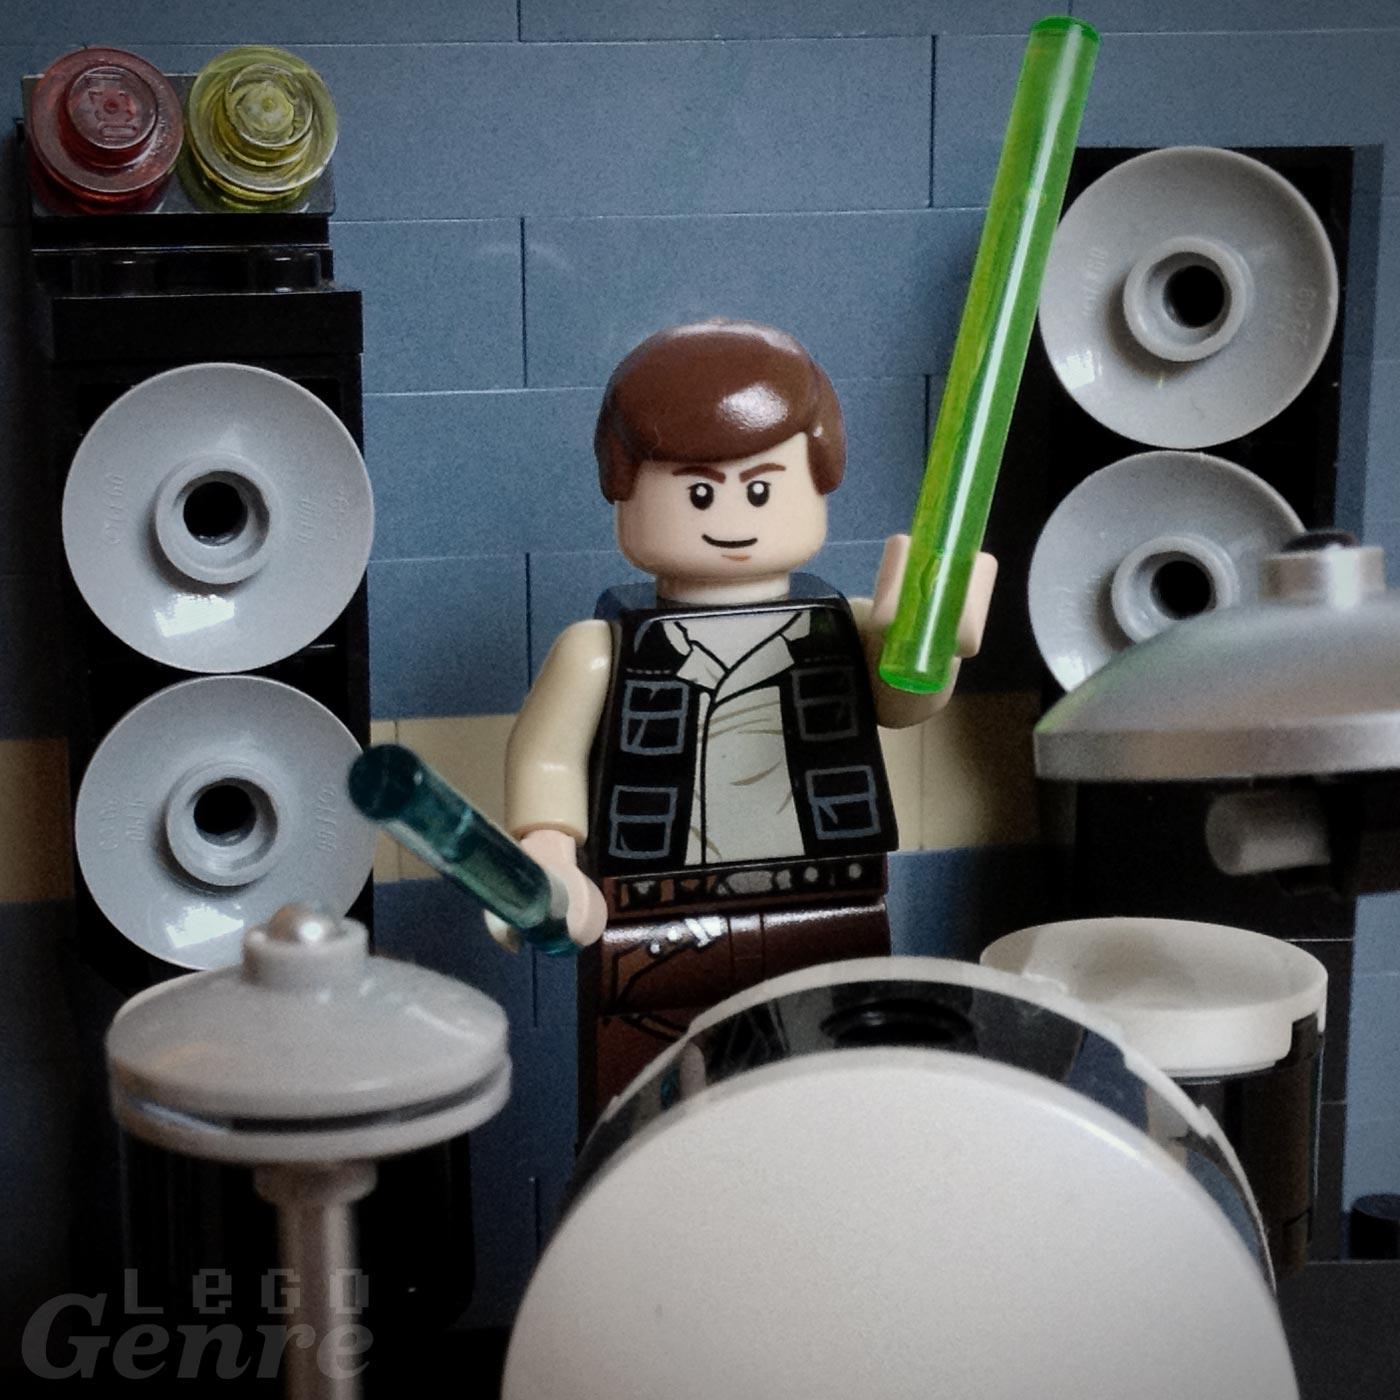 LegoGenre 00375: Han's Solo